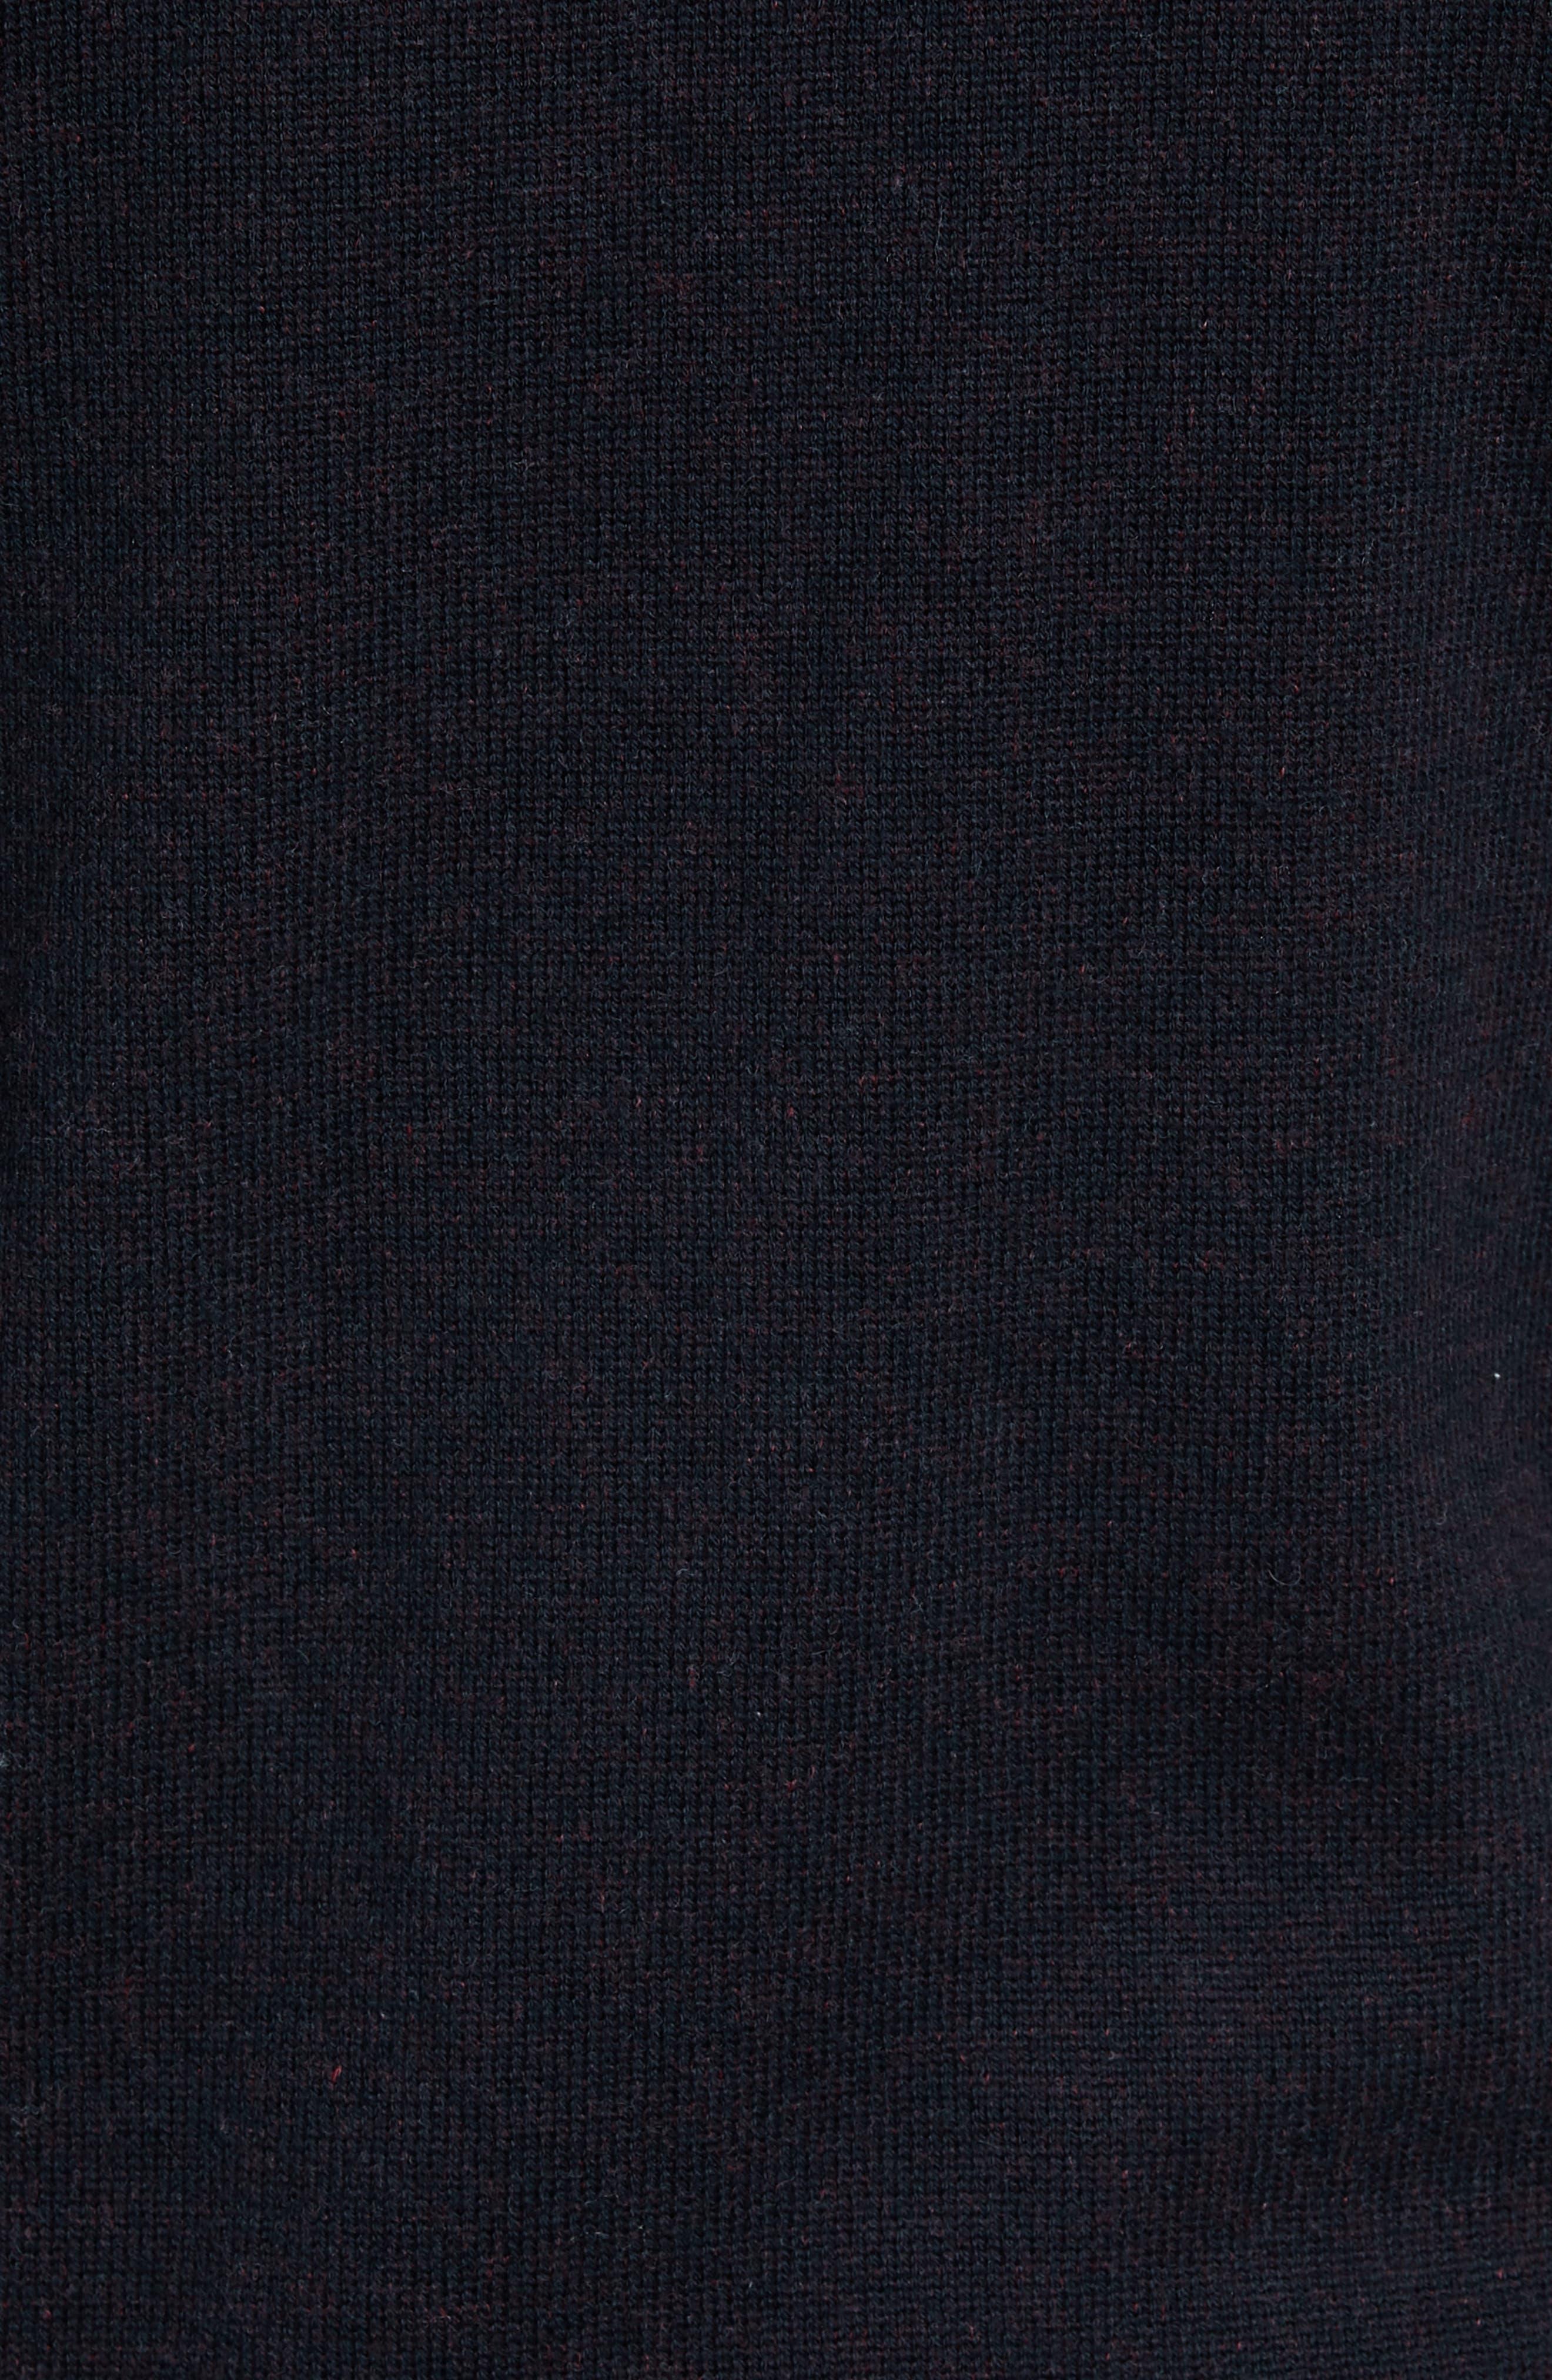 Regular Fit Cotton & Cashmere Hoodie,                             Alternate thumbnail 5, color,                             BLACK CAVIAR